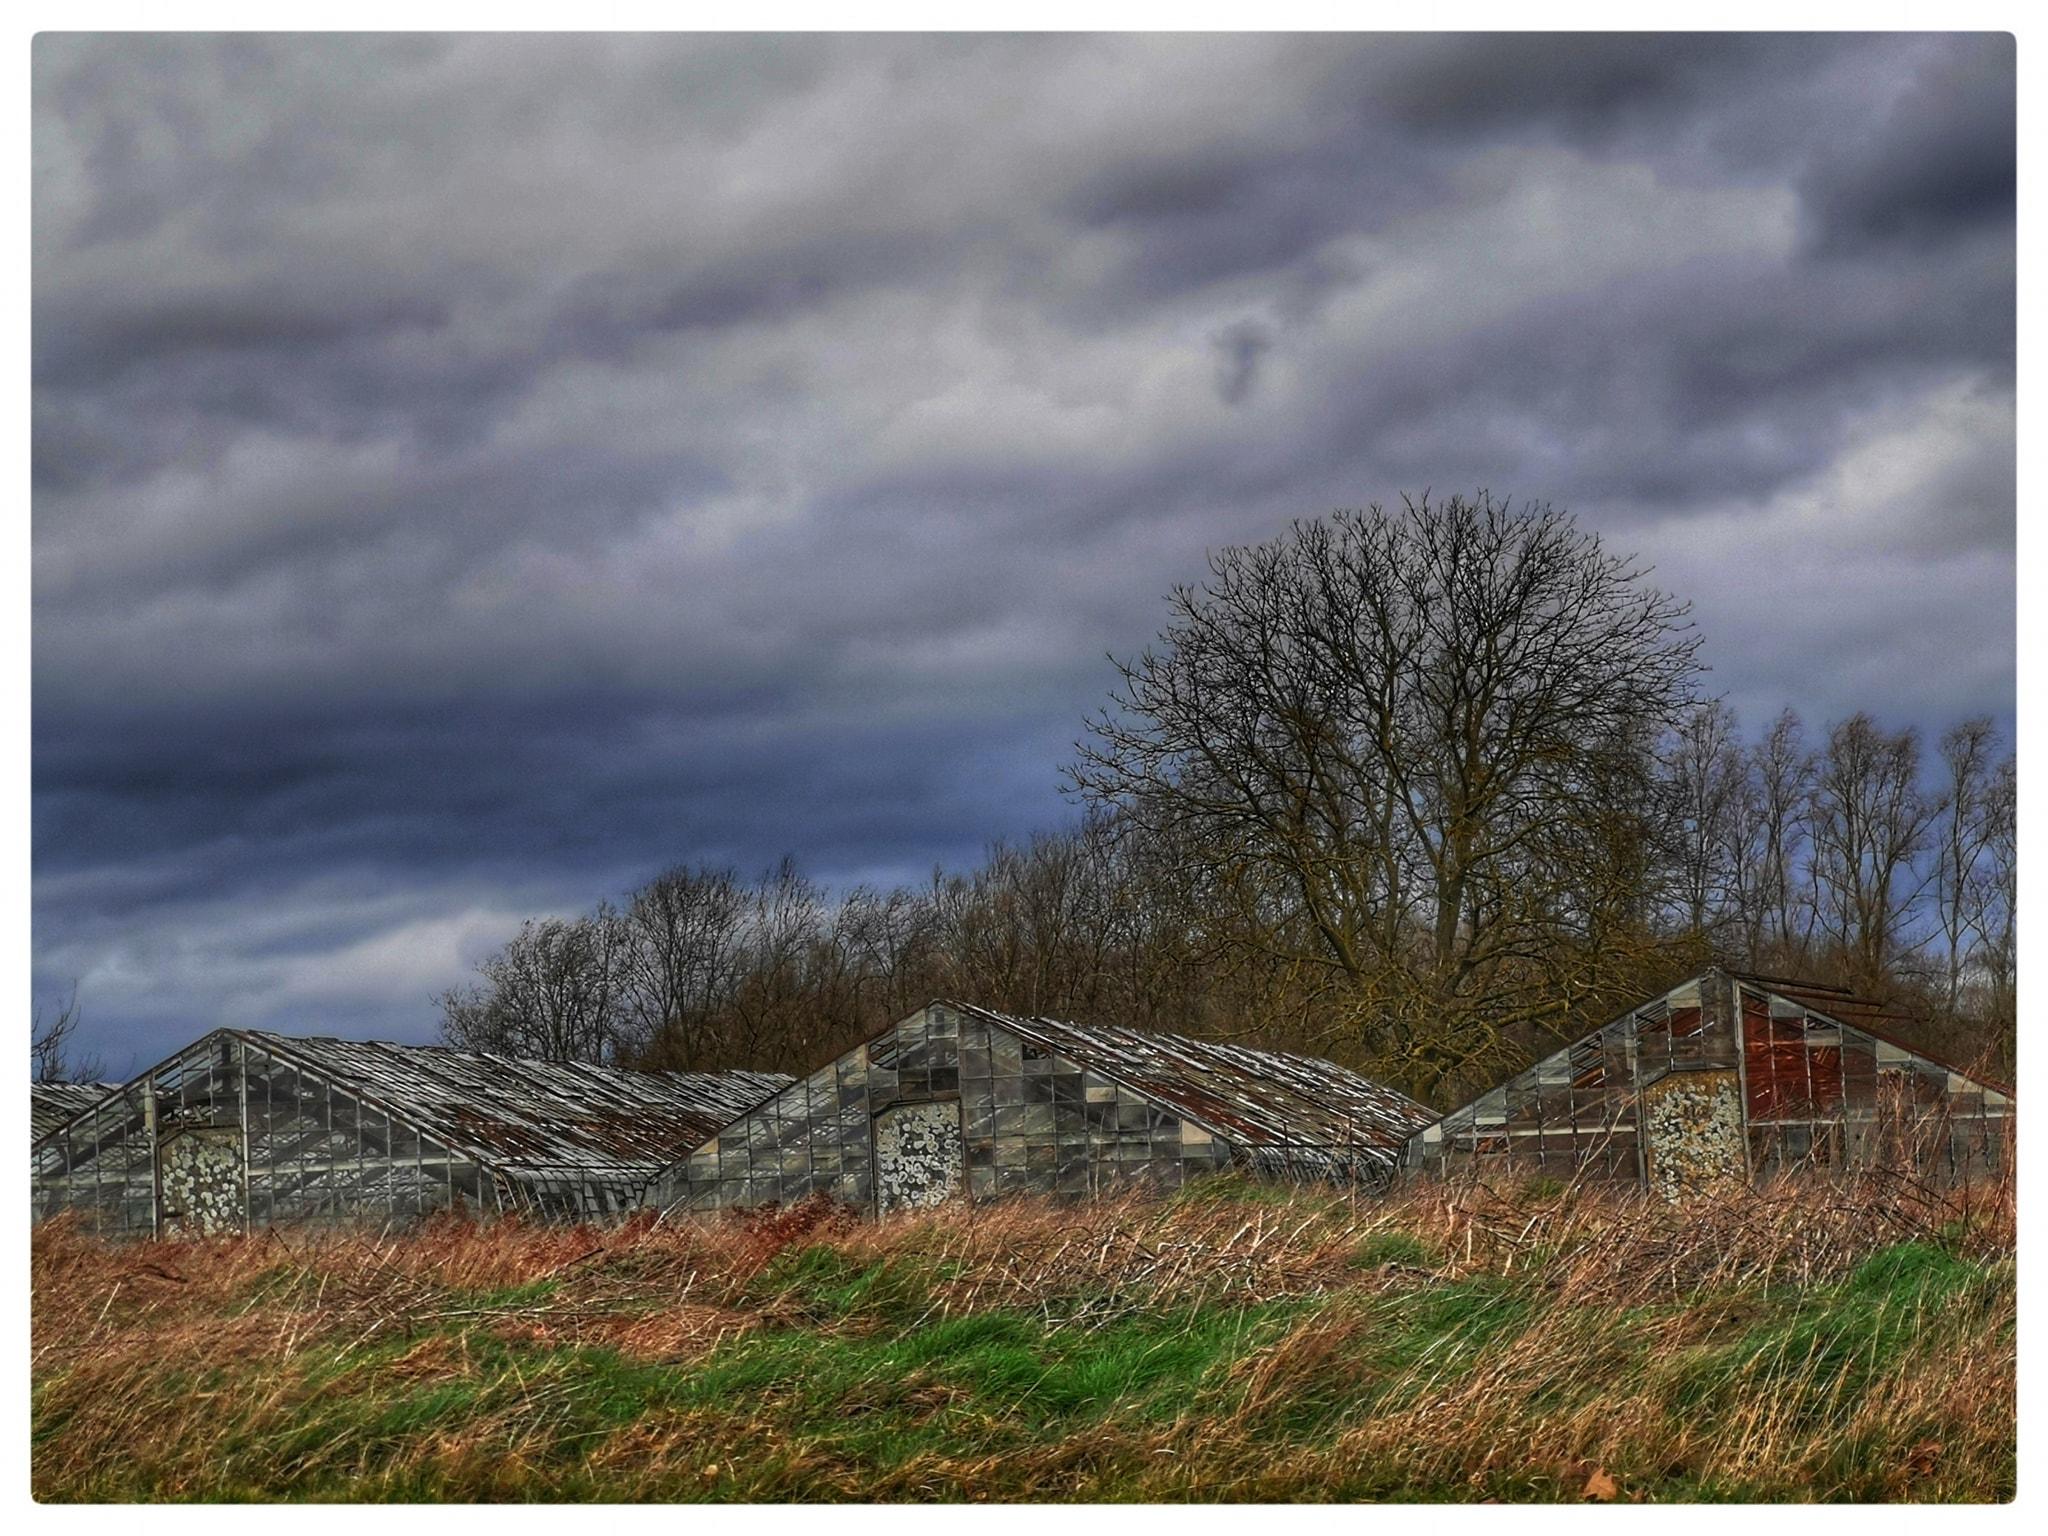 Voor de storm (foto credits: Vincent Philips)